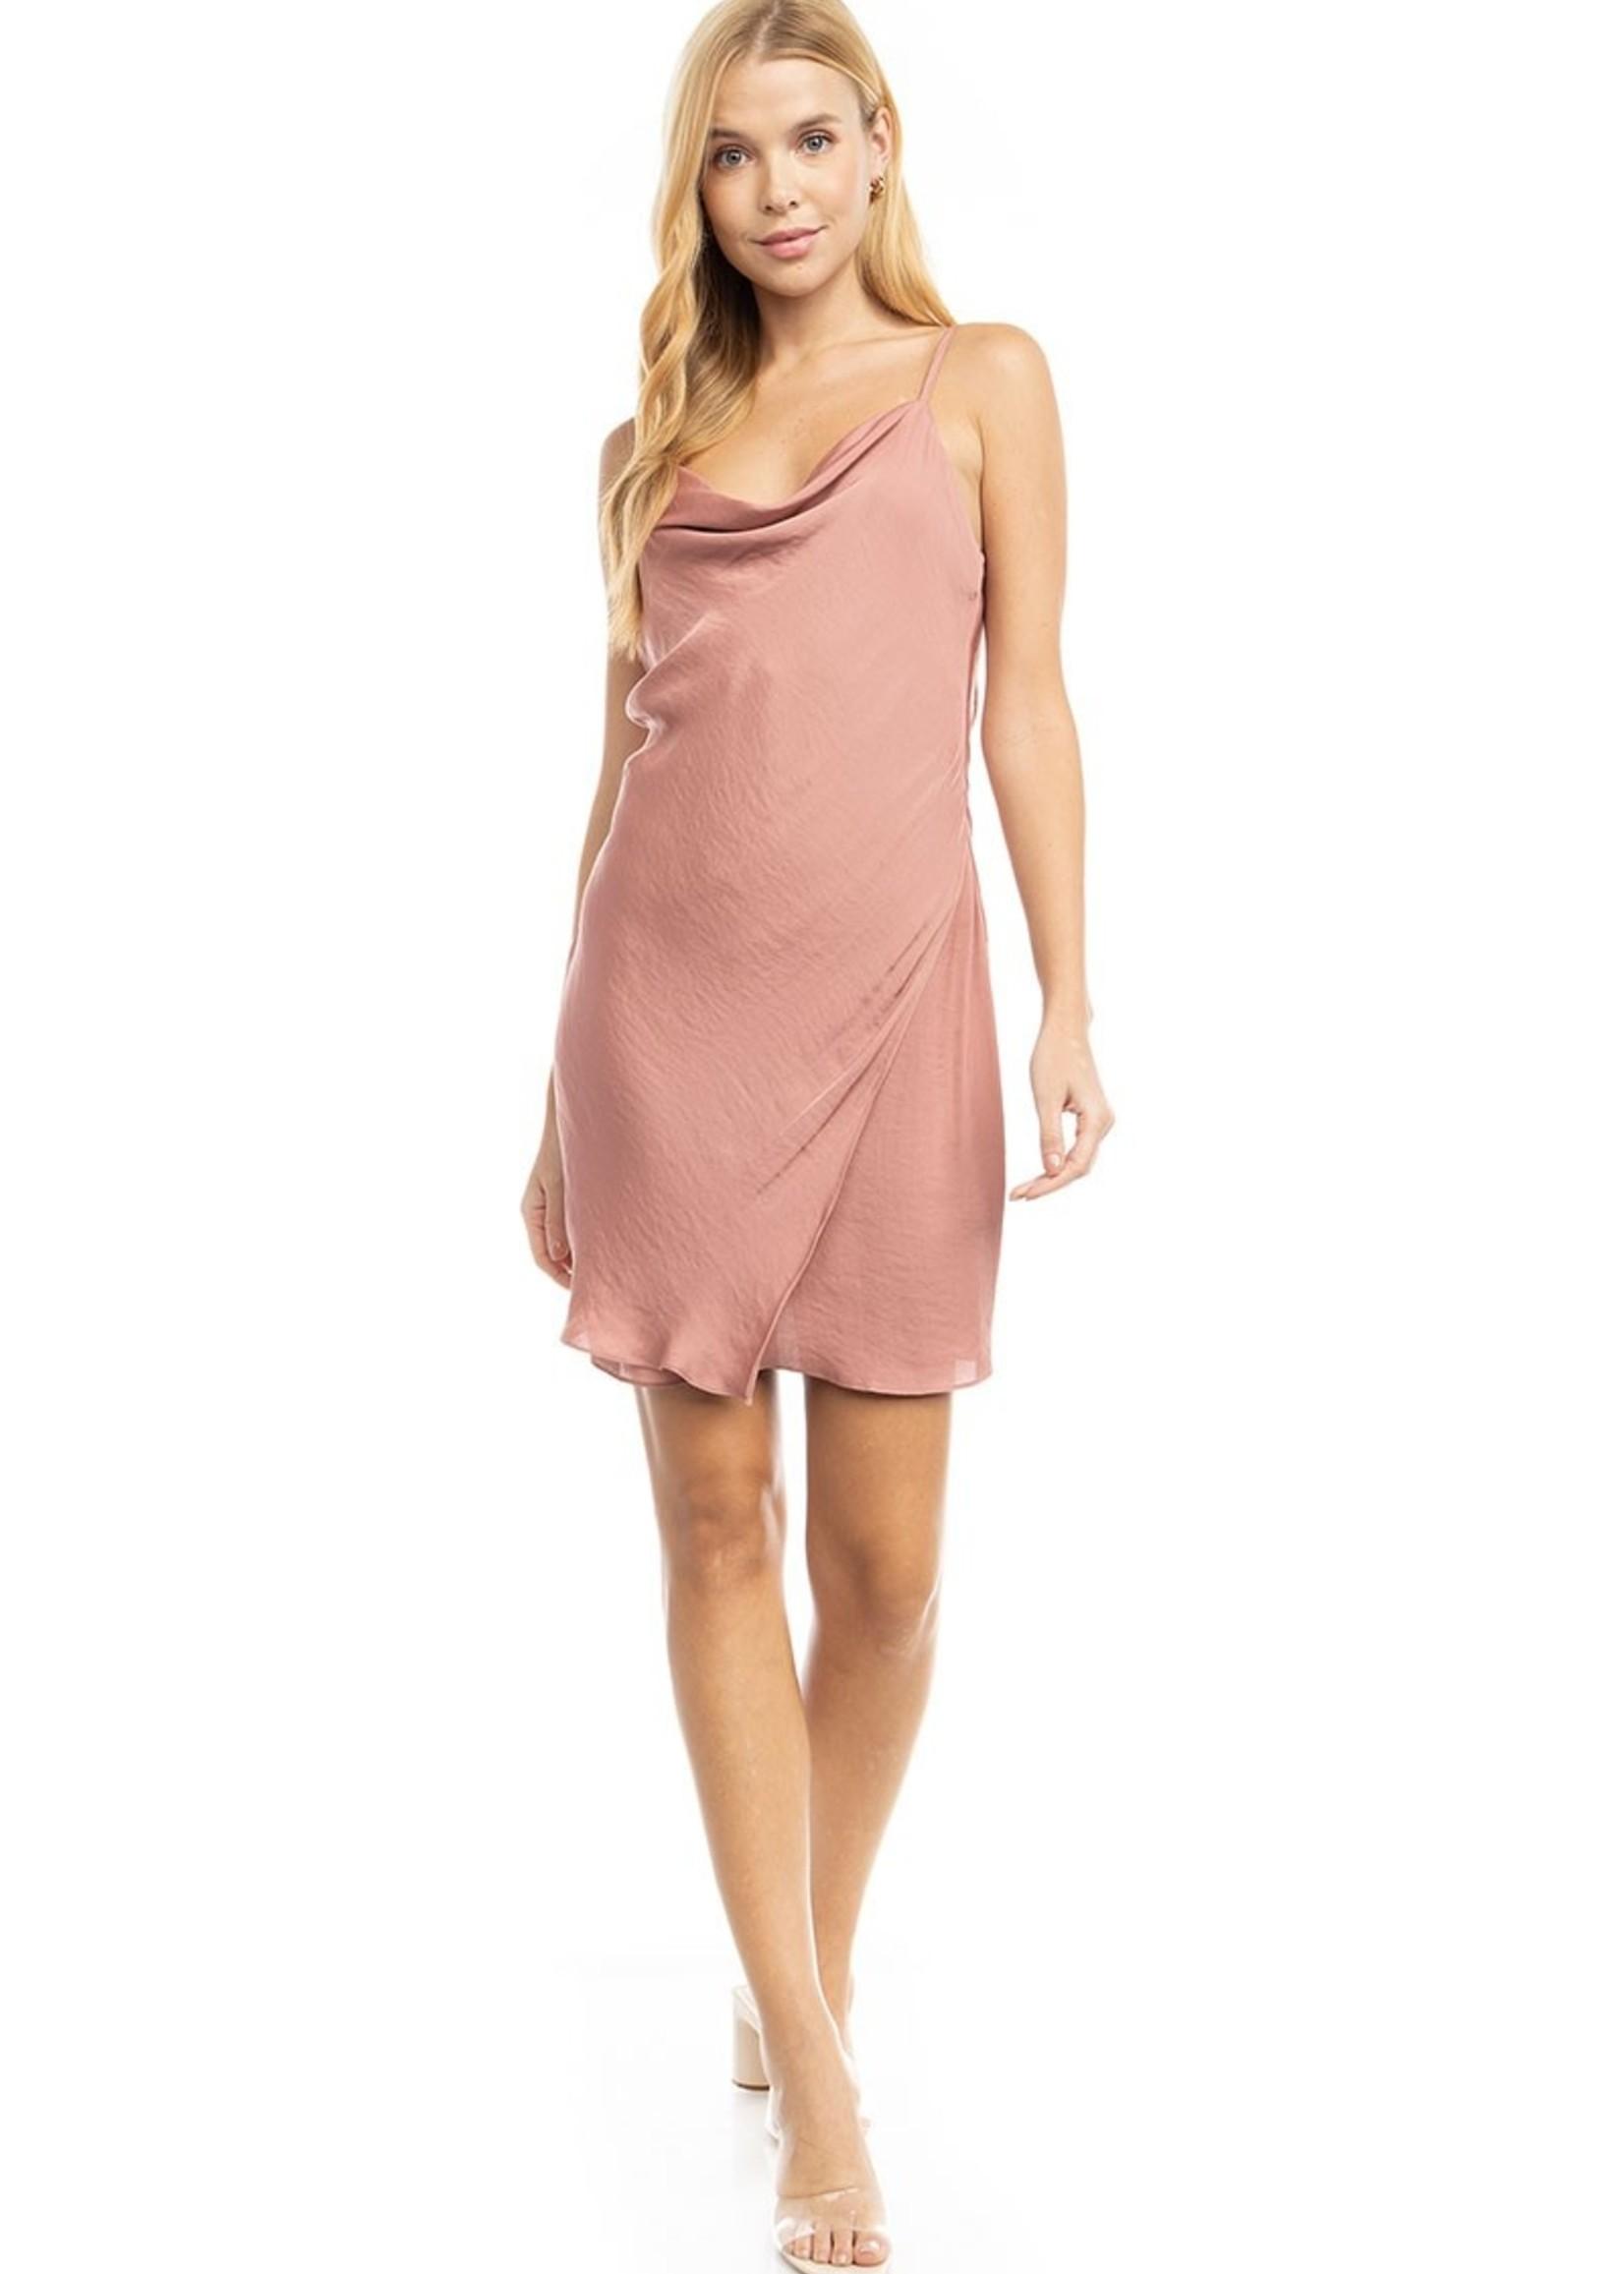 Cowl Neck Mini Dress - Rose